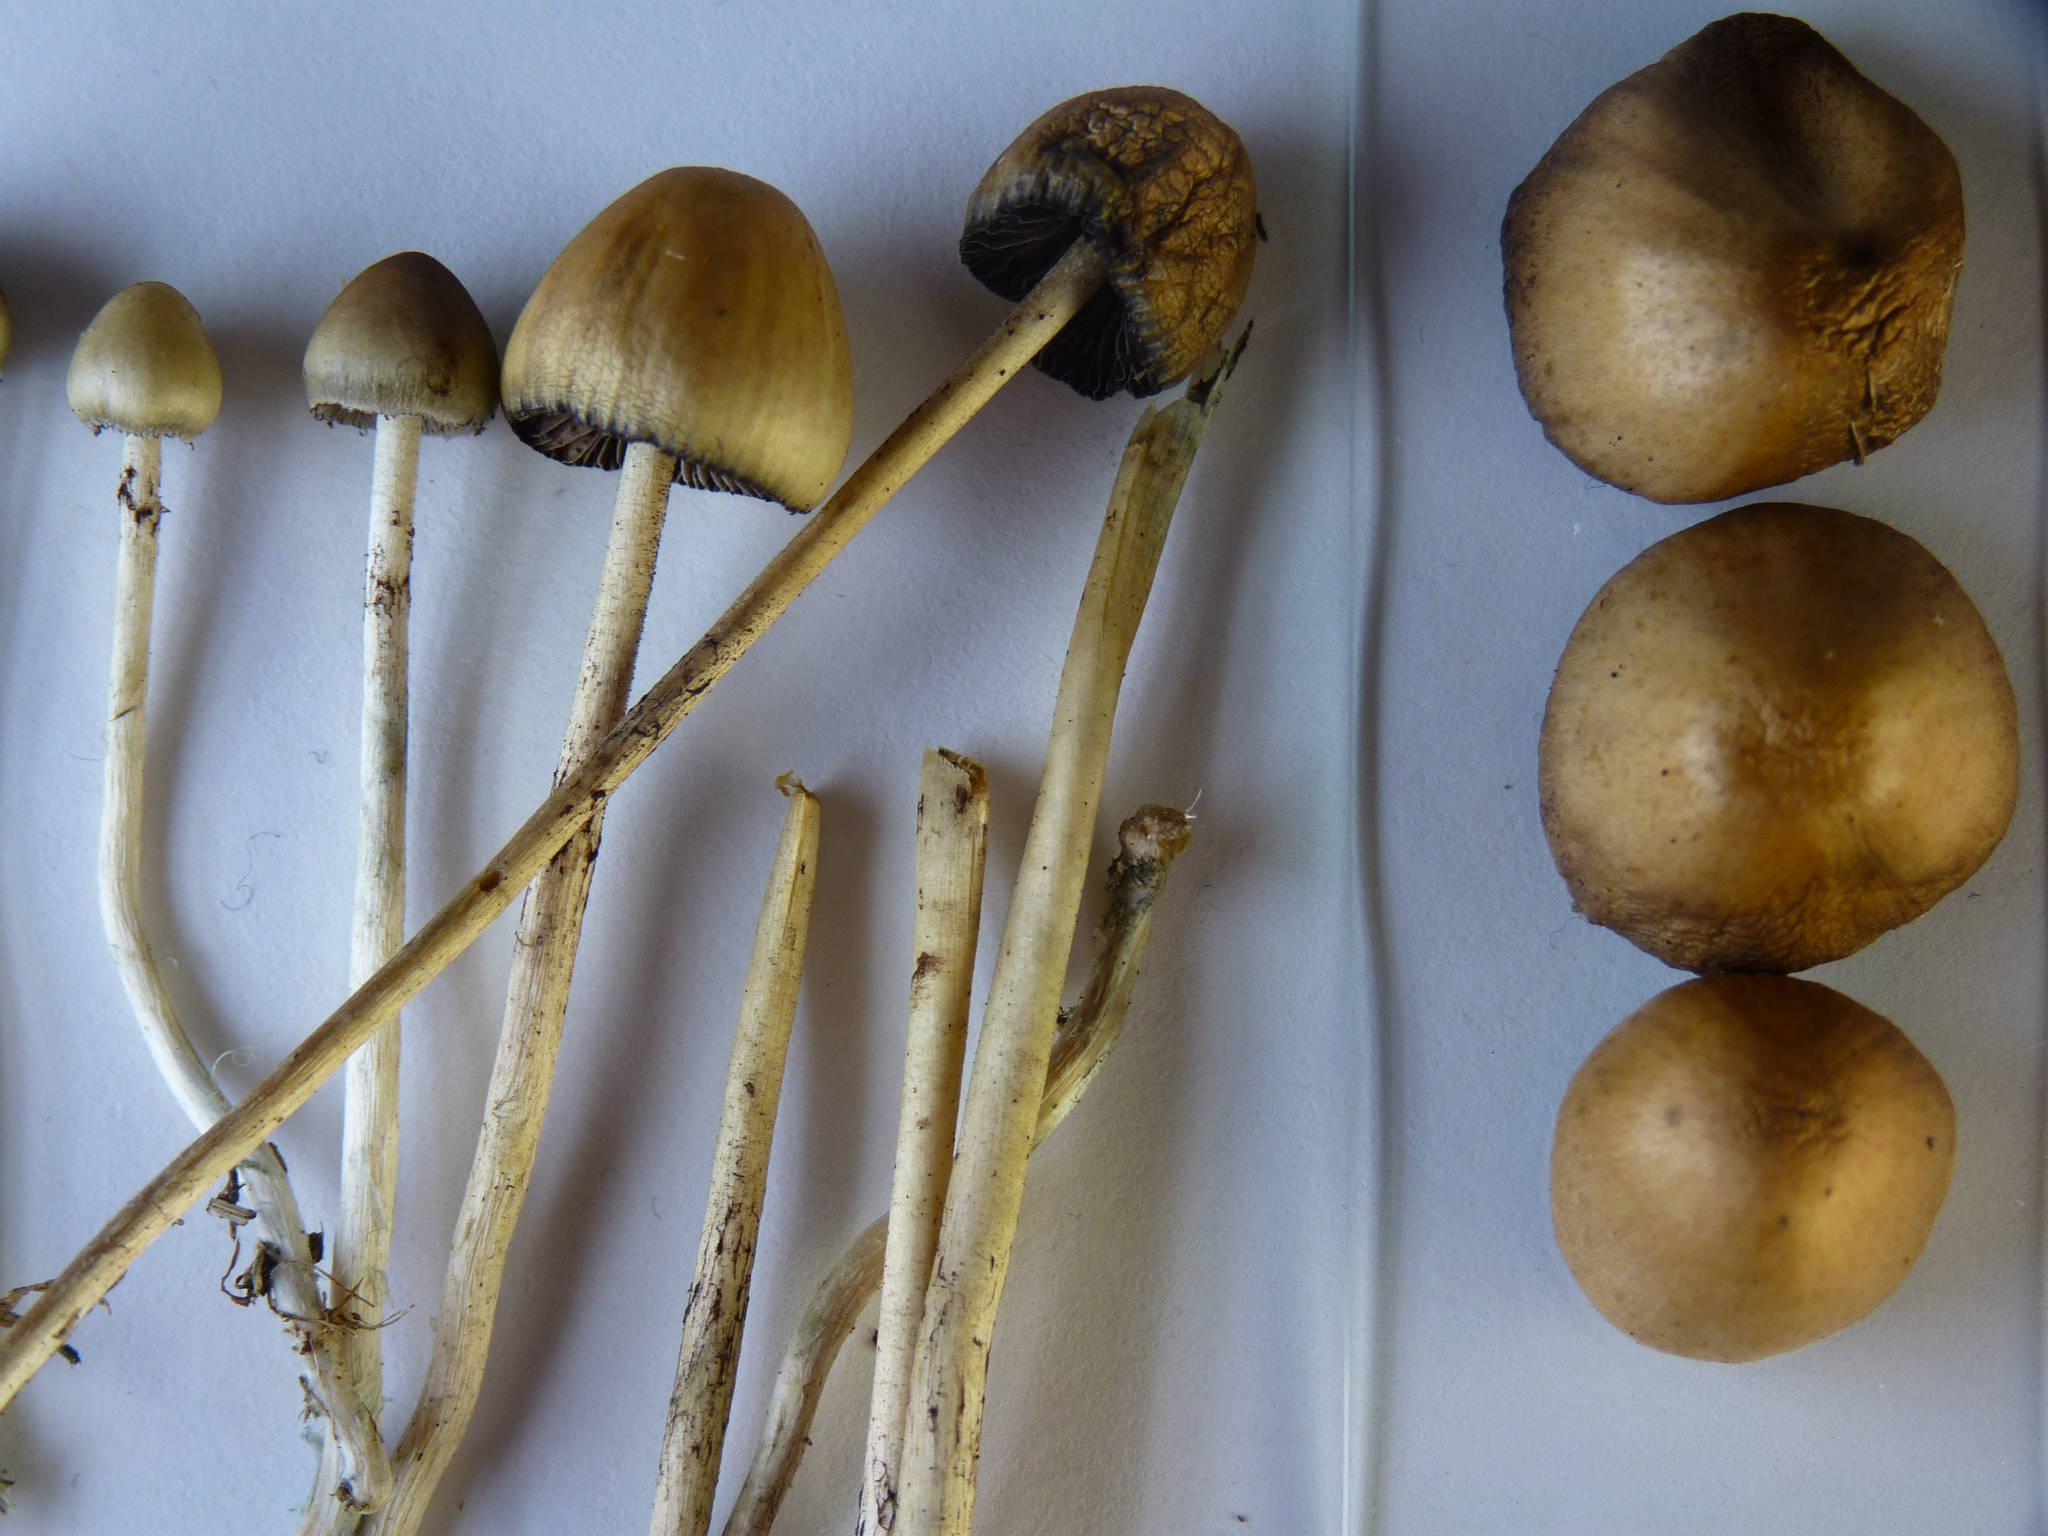 купить споры грибов псилоцибы